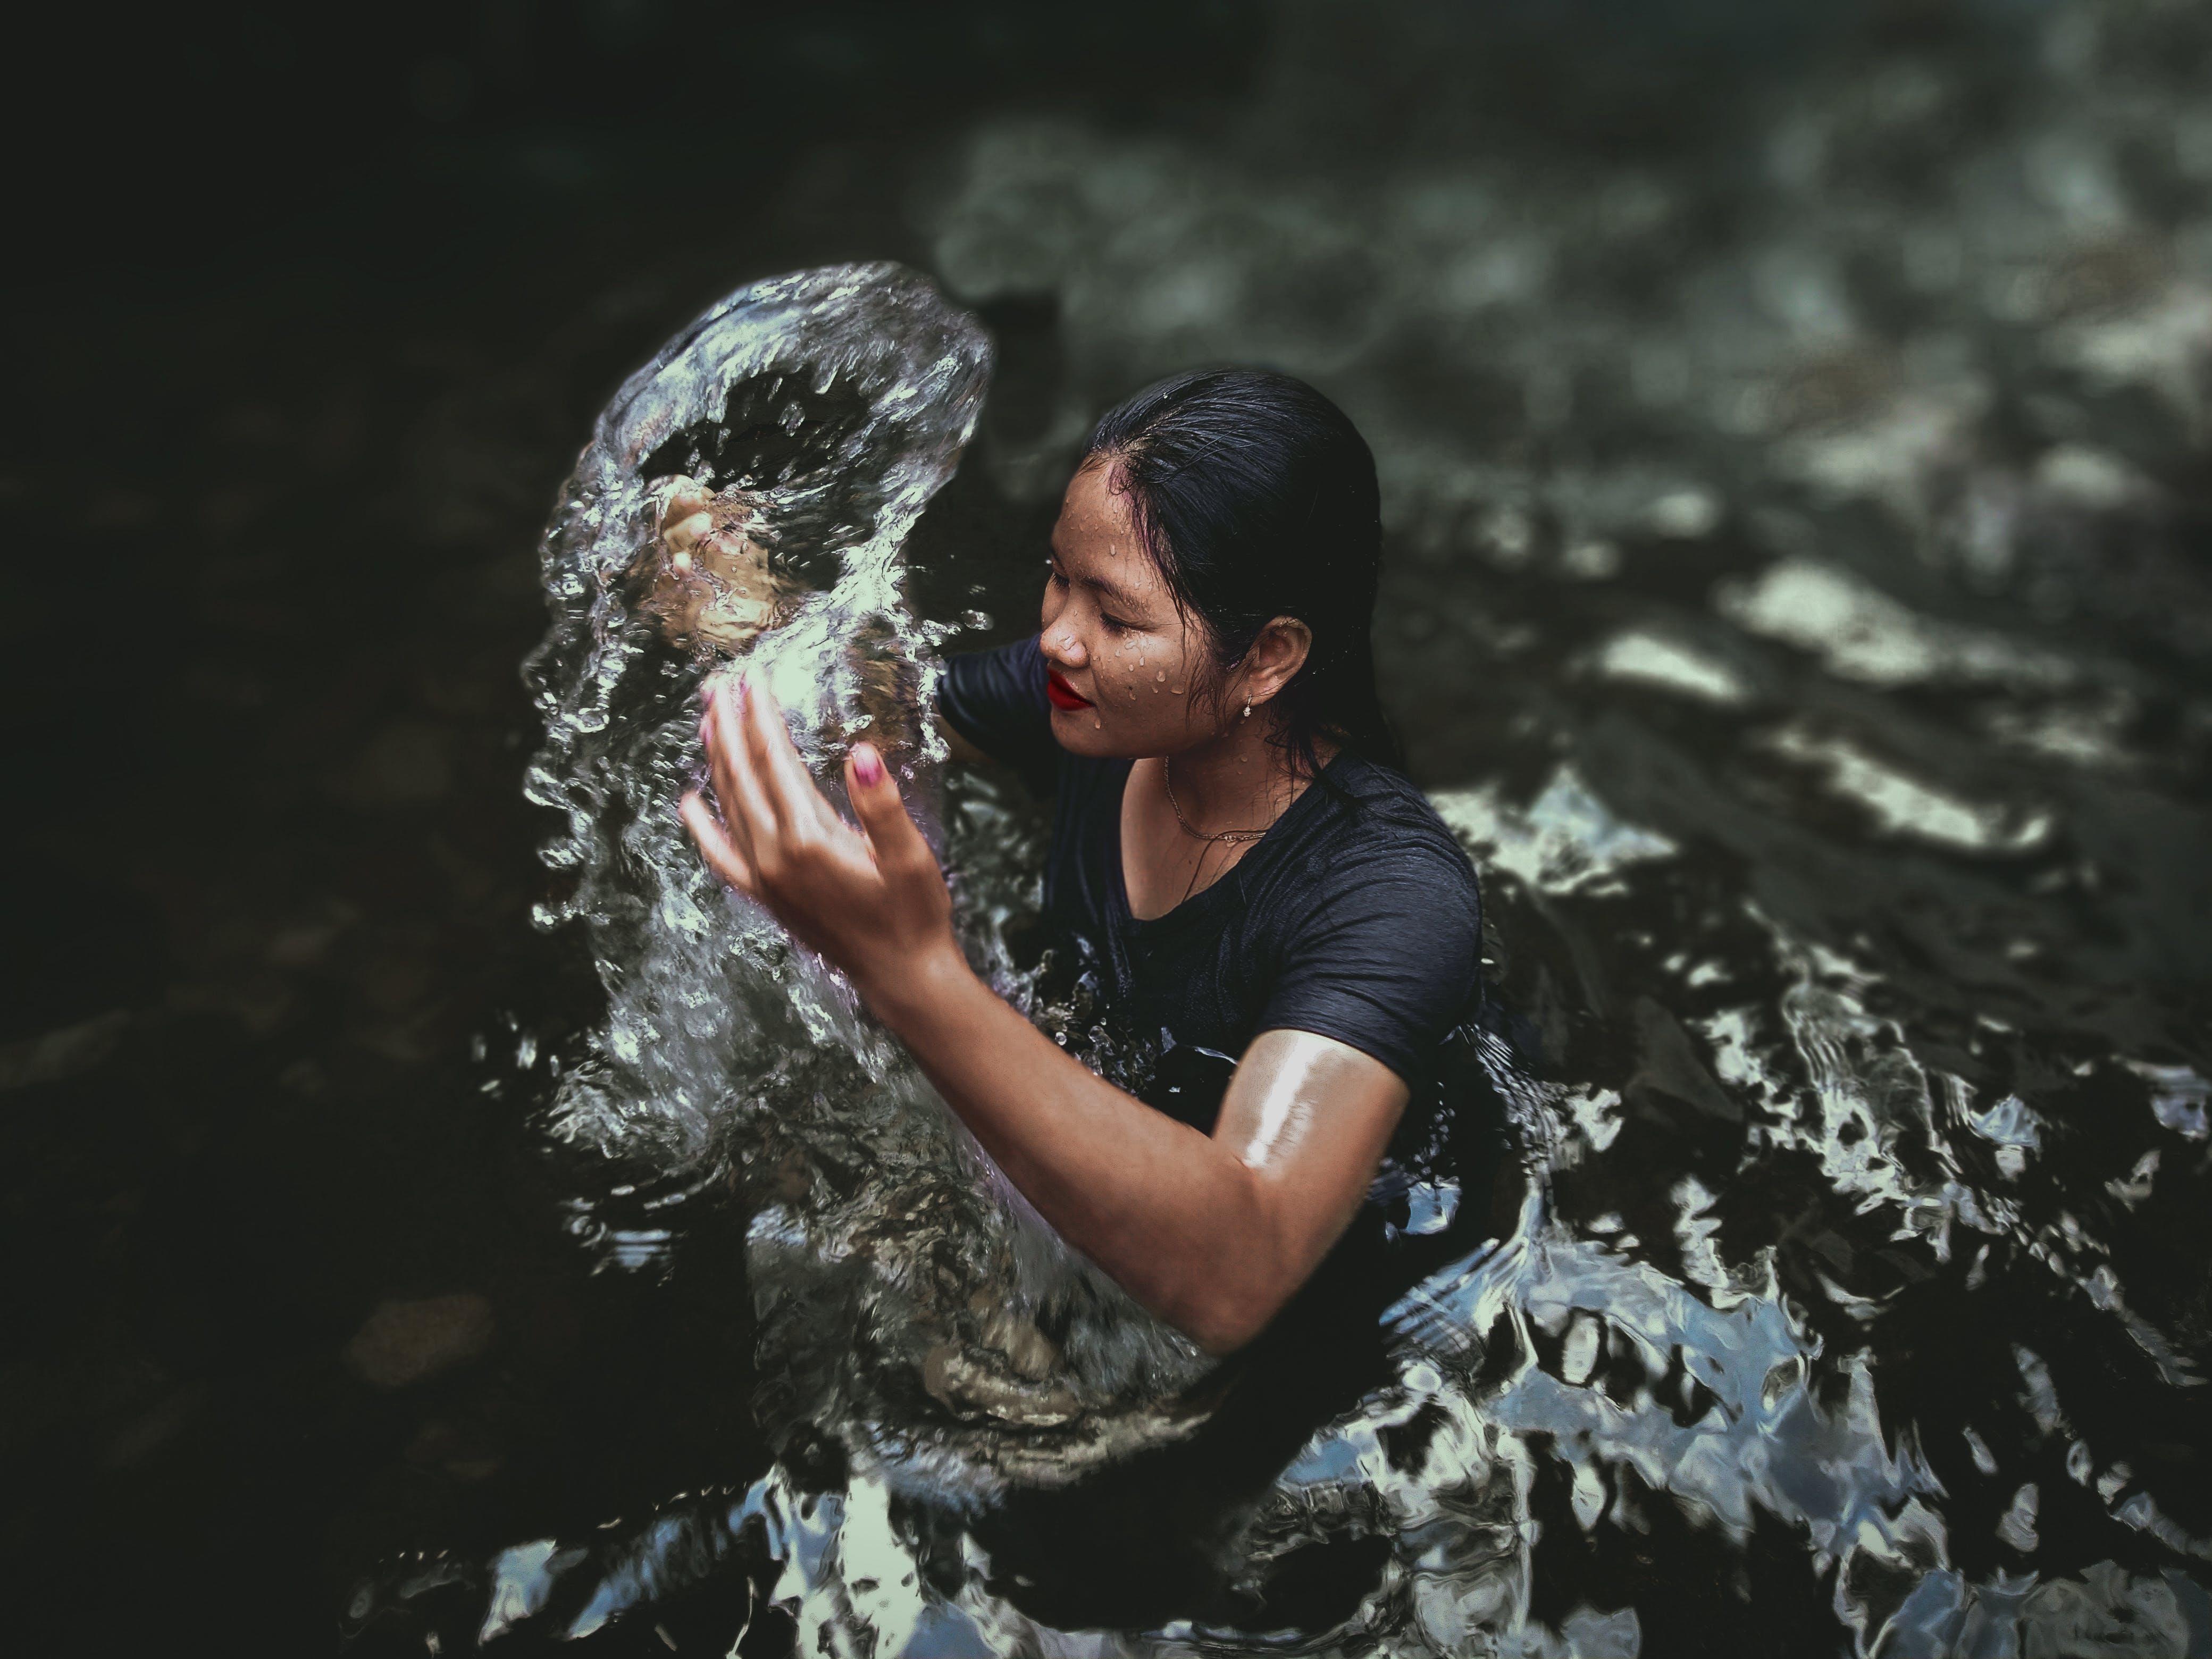 ıslak, Kadın, kişi, mobilechallenge içeren Ücretsiz stok fotoğraf